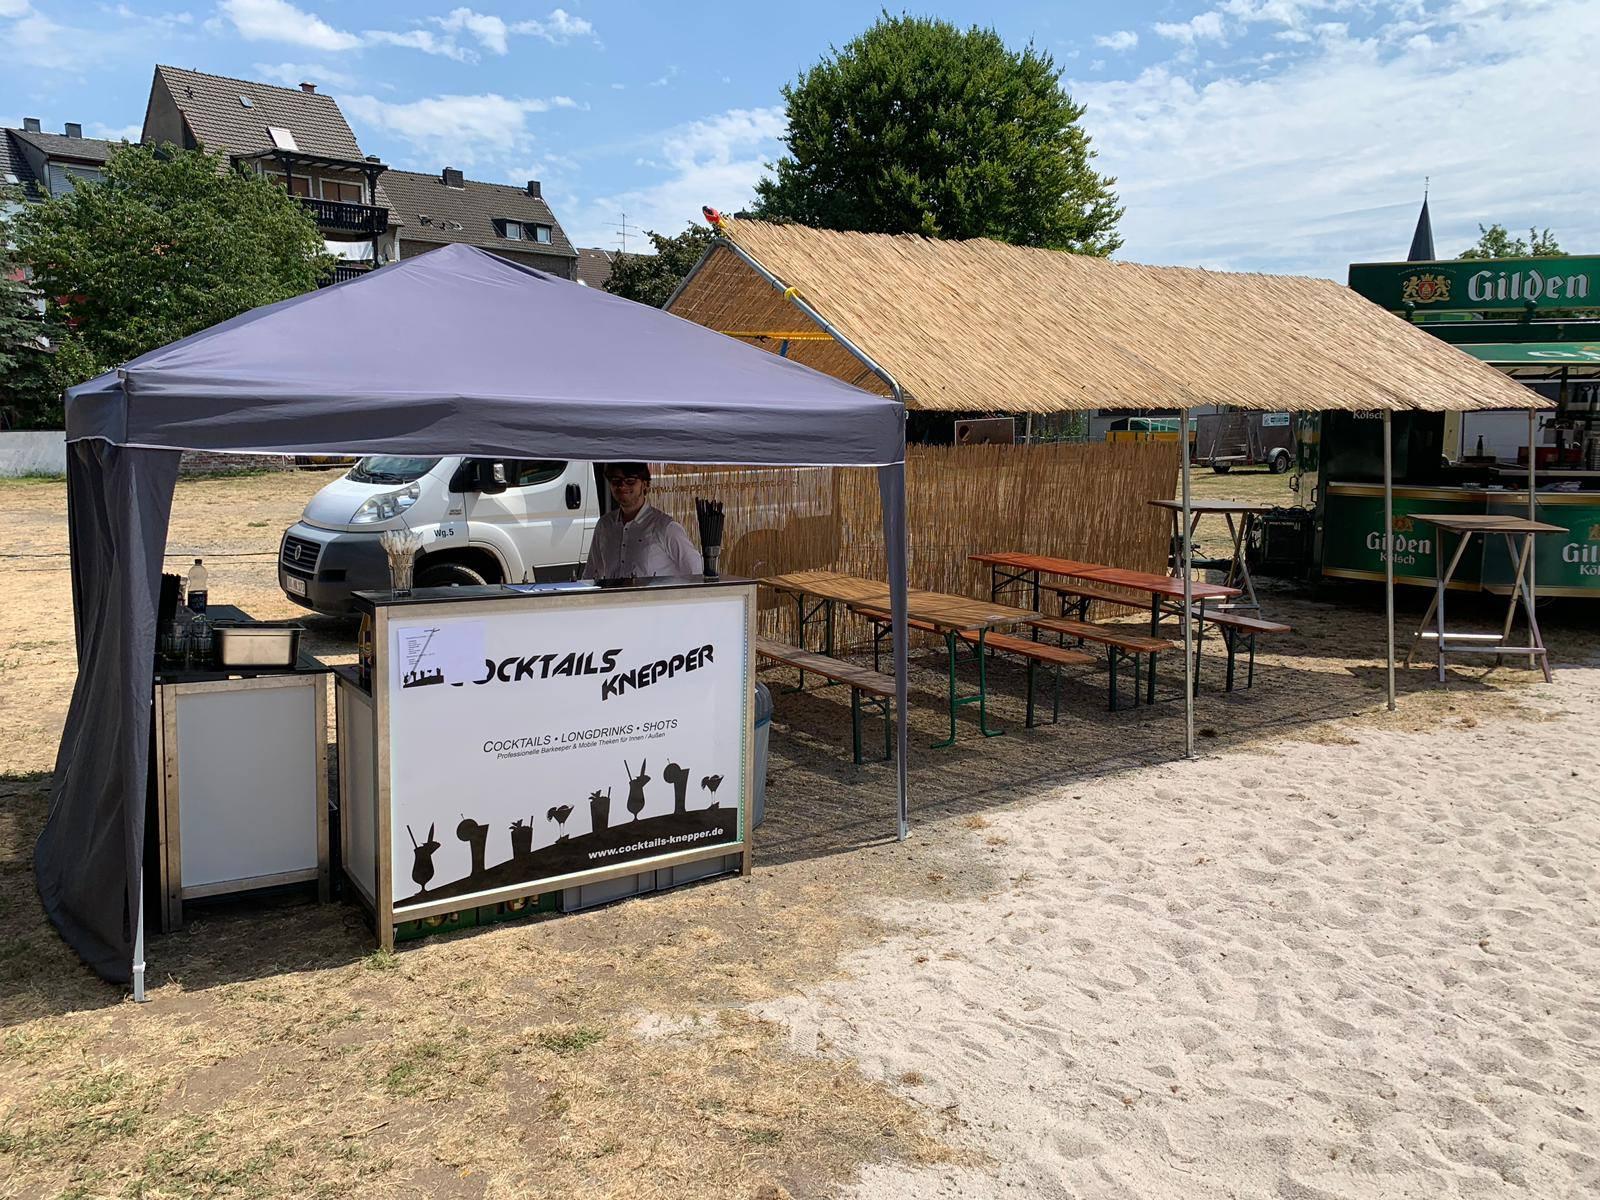 Cocktails Knepper - mobile Cocktailbar in NRW - Schützenfest mit beach-feeling (4)